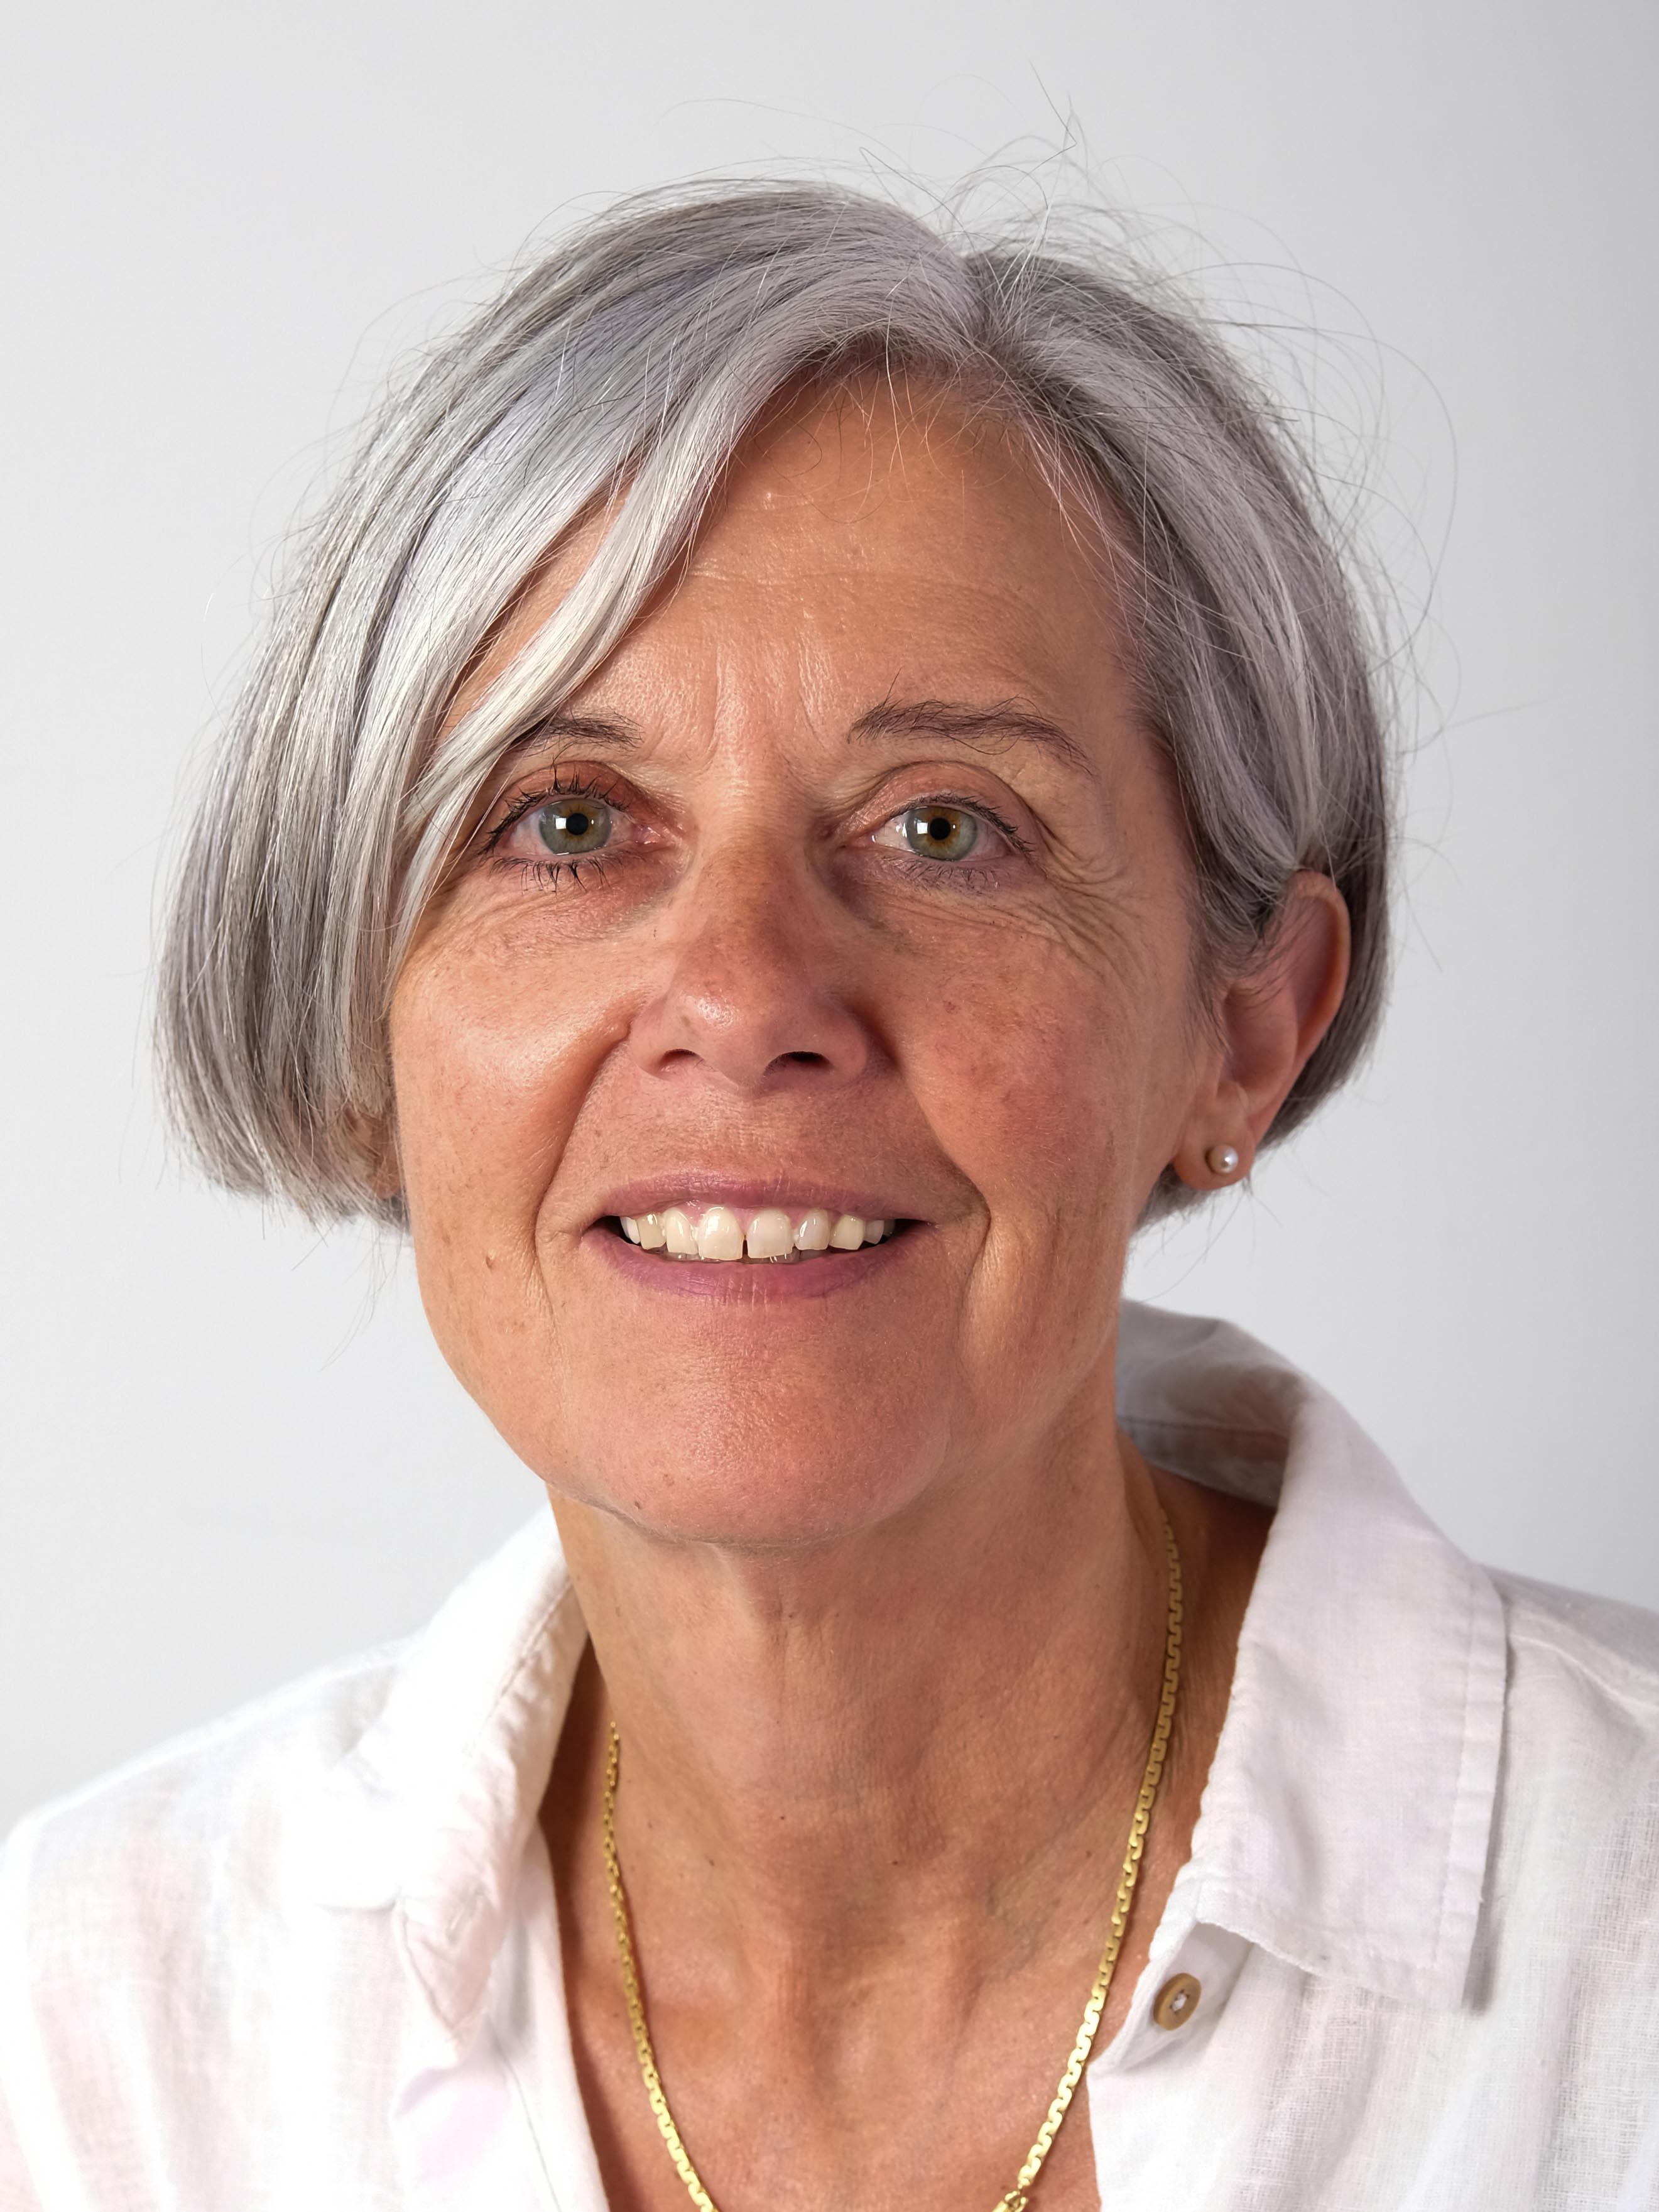 Marianne Scherrer